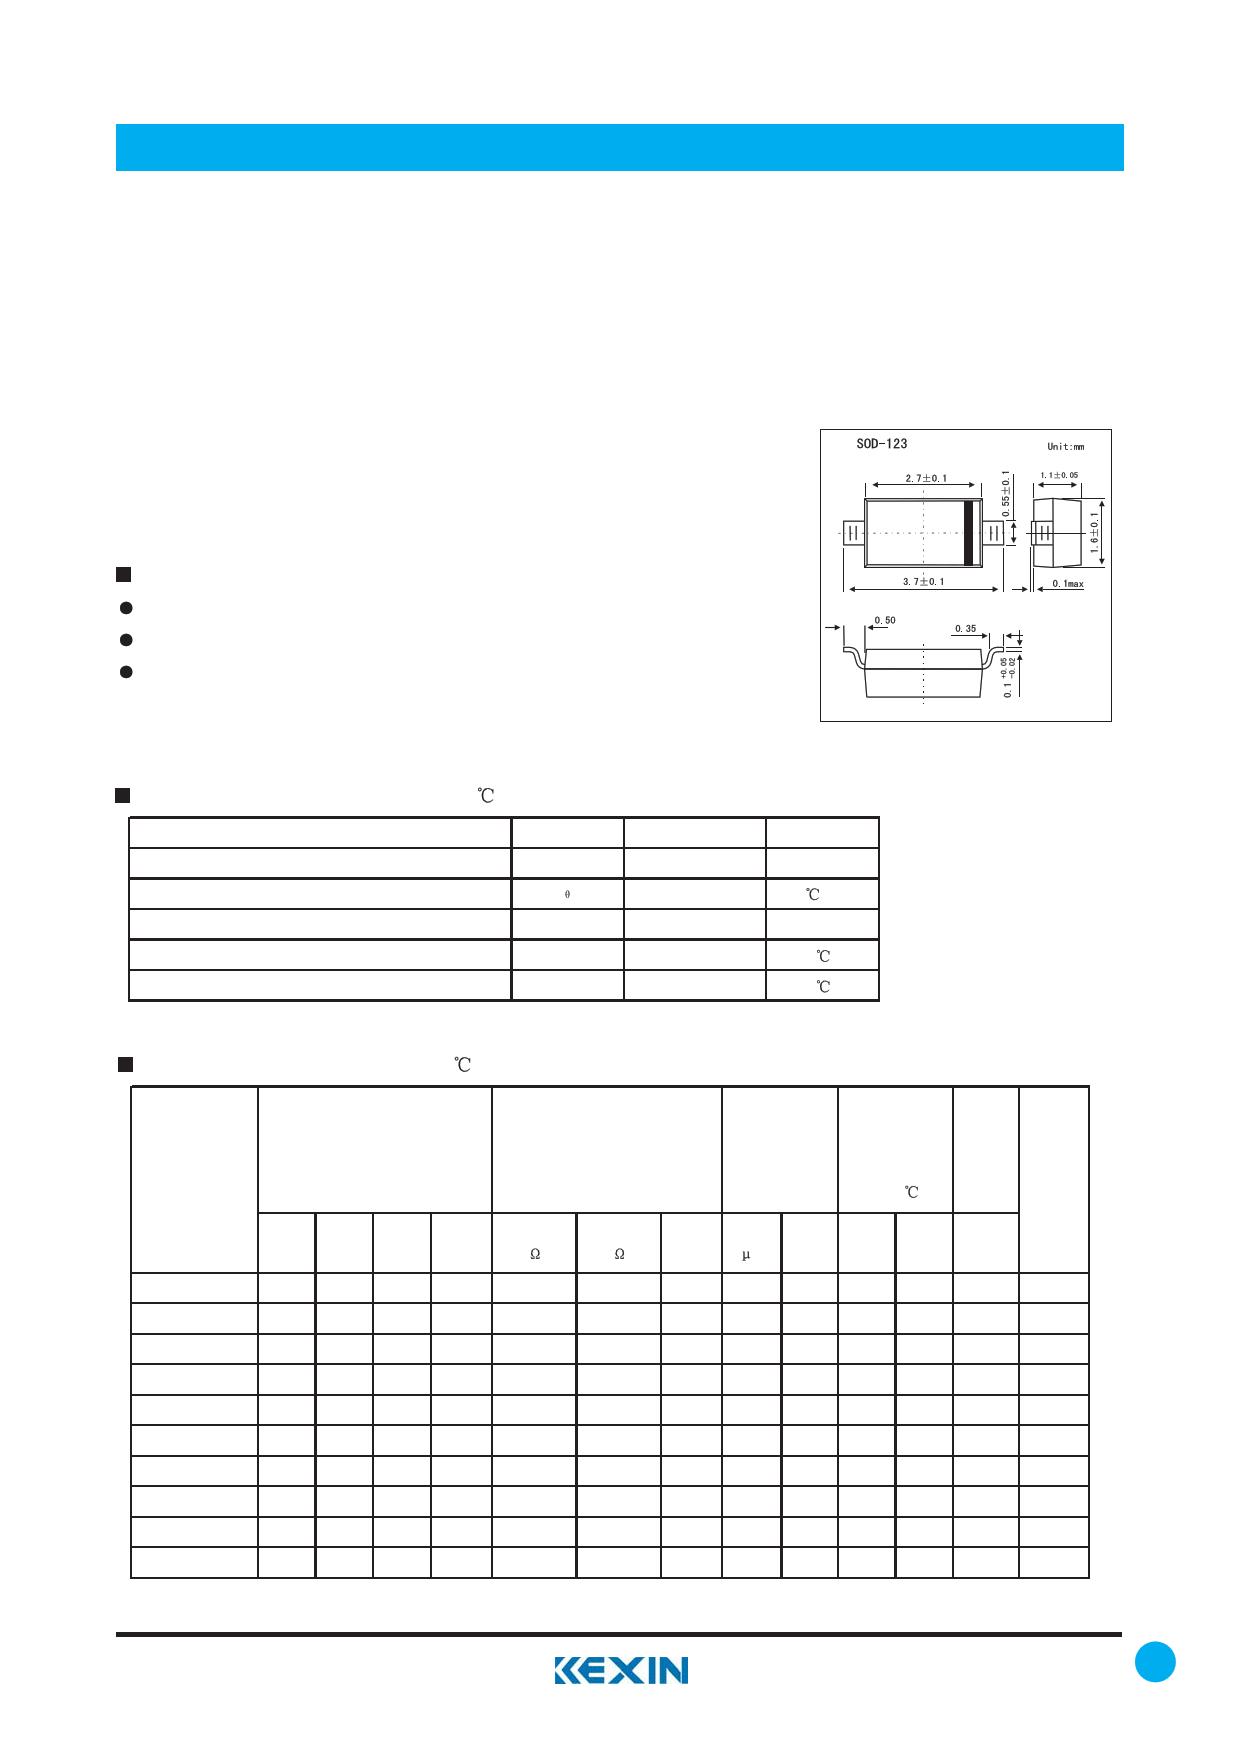 BZT52C18 Datasheet, BZT52C18 PDF,ピン配置, 機能